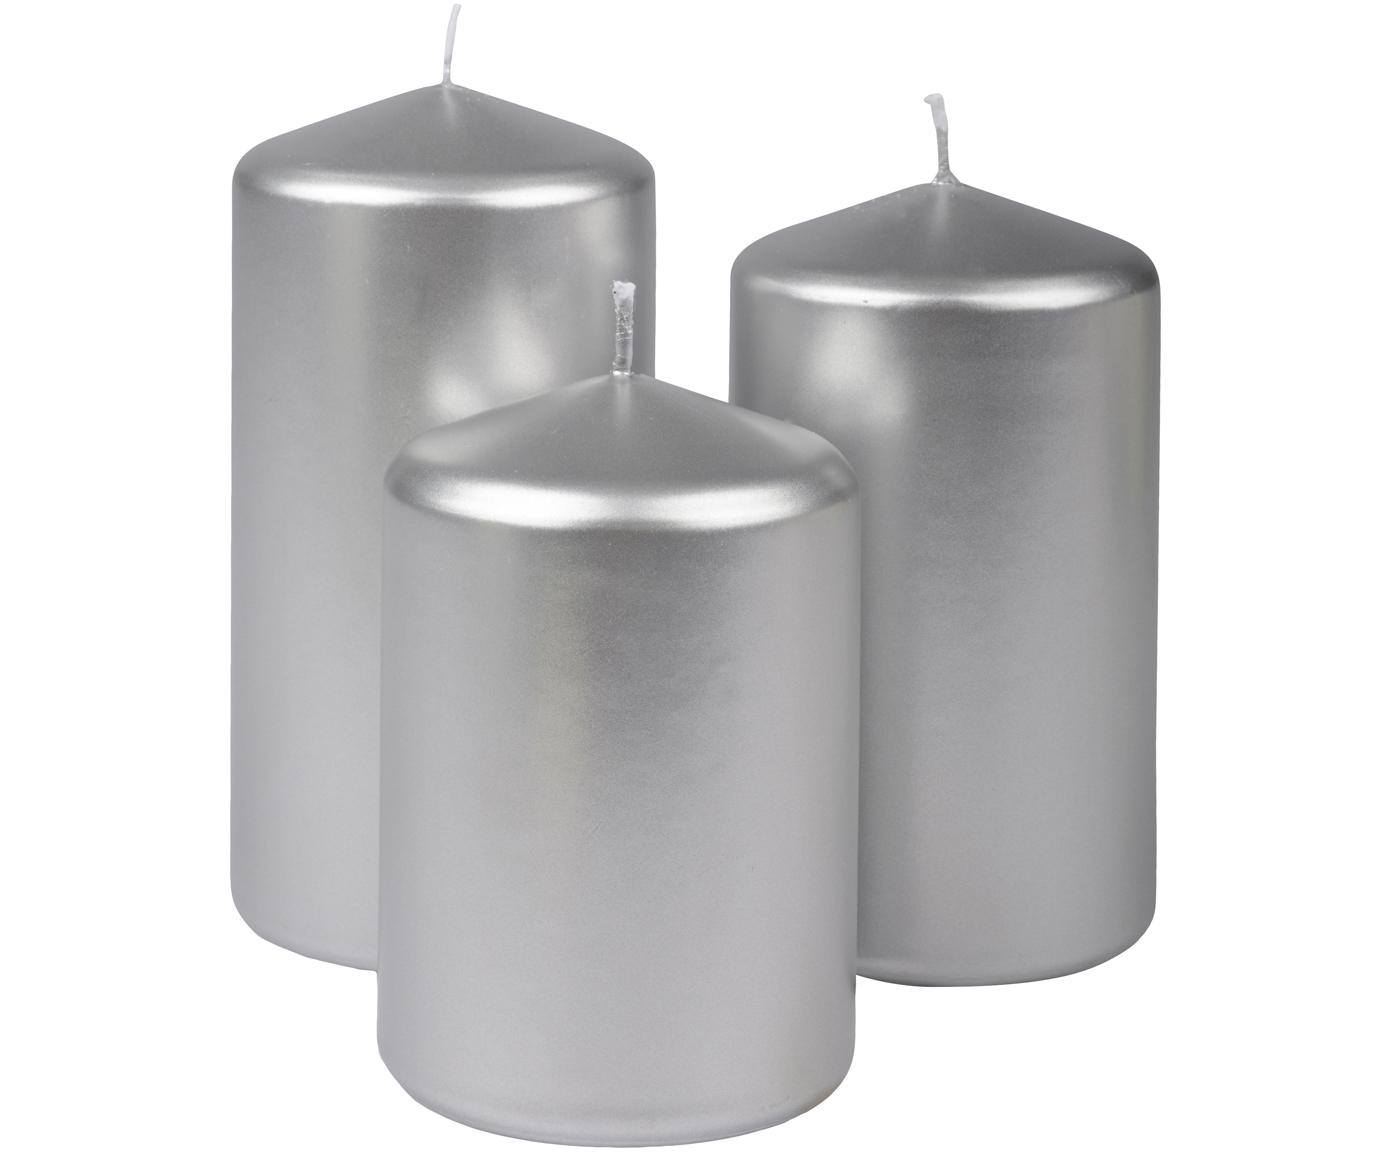 Komplet świec stołowych Parilla, 3 elem., Wosk, Odcienie srebrnego, Różne rozmiary